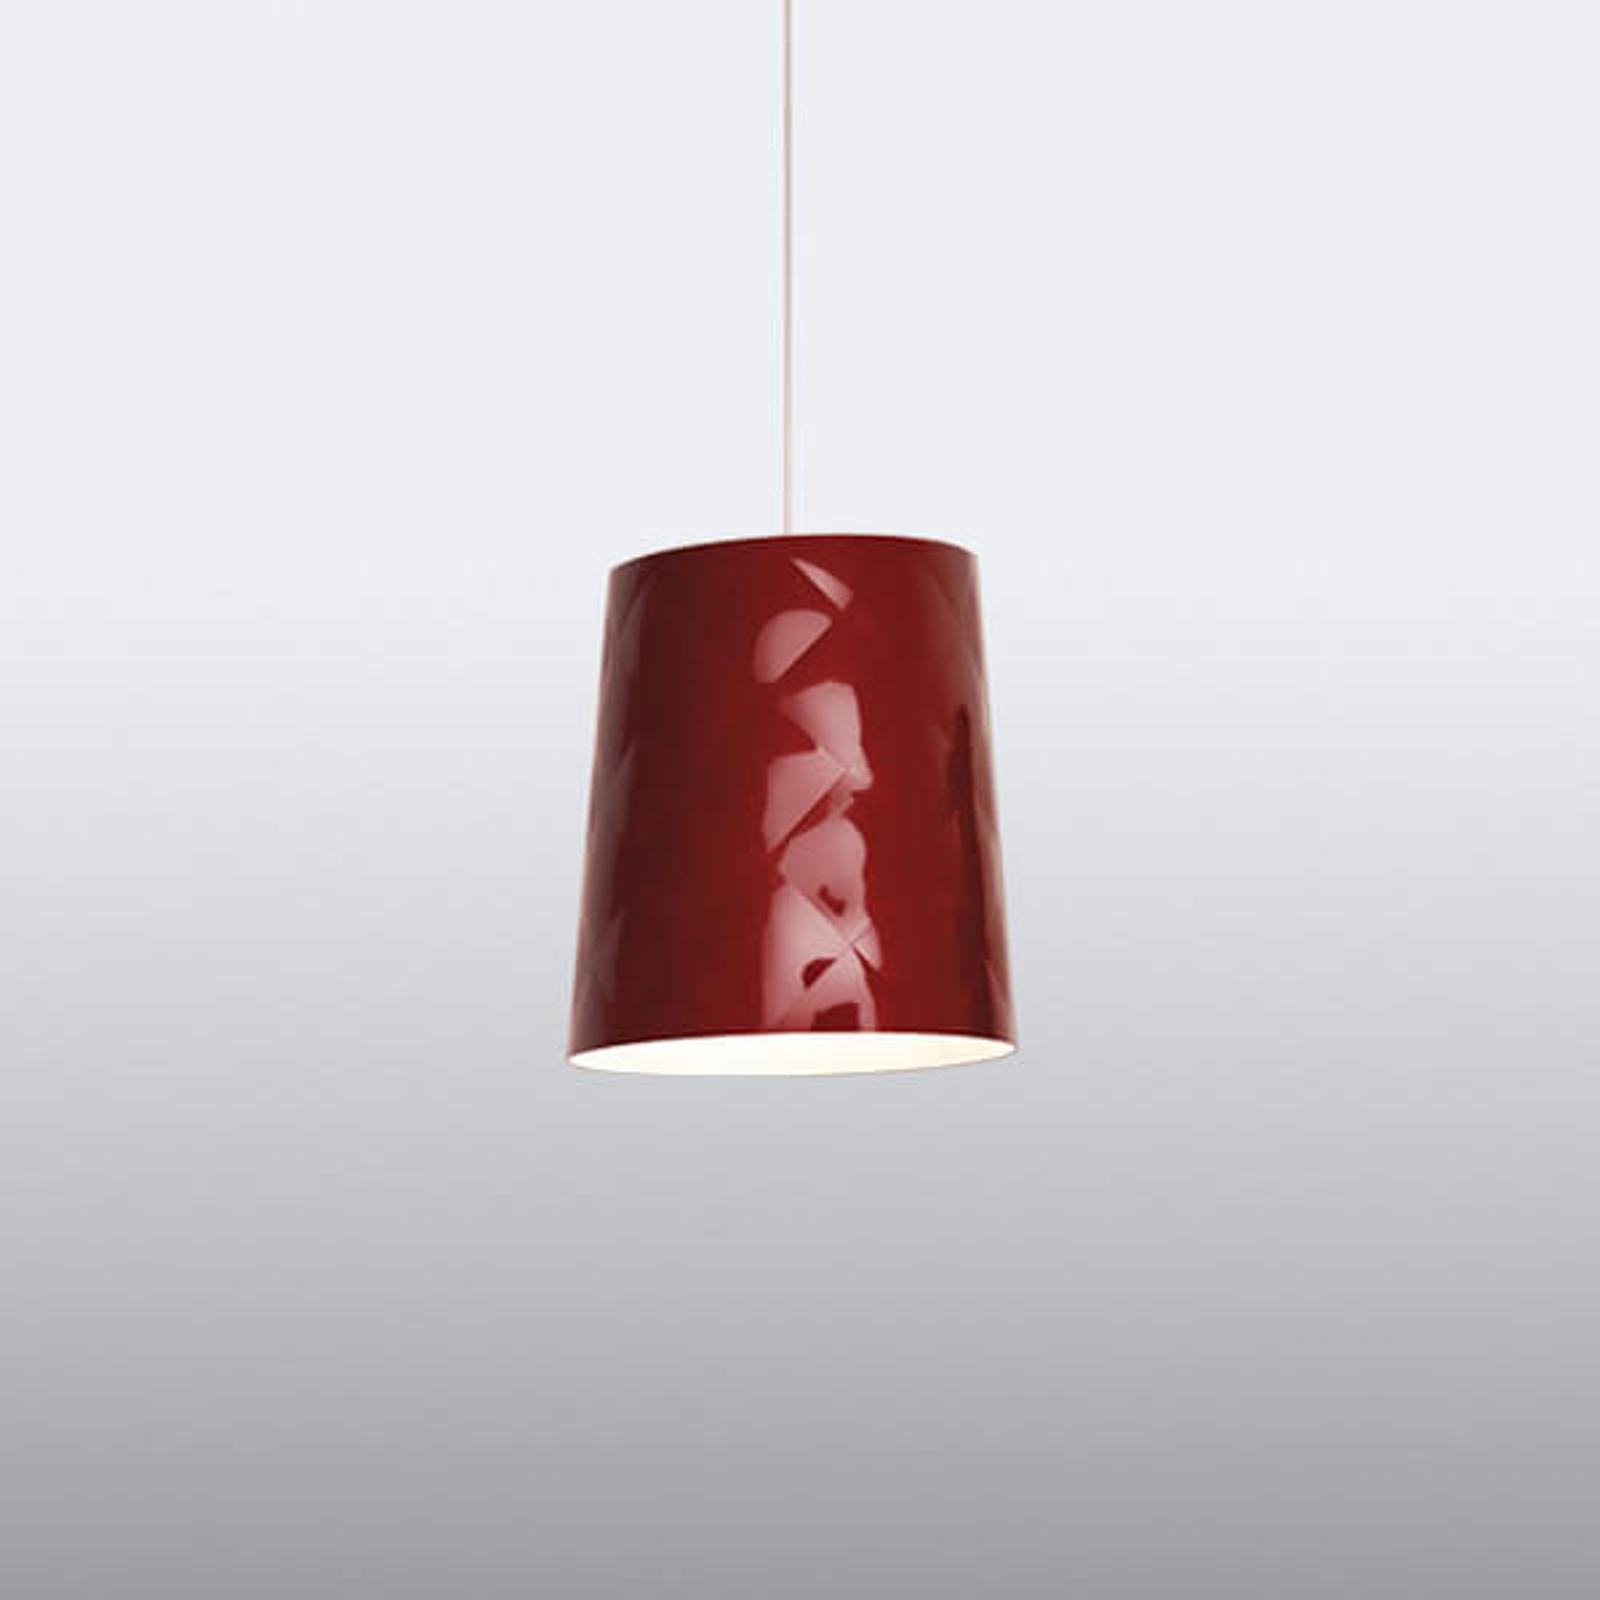 Kundalini New York lampa wisząca Ø 33 cm, czerwona